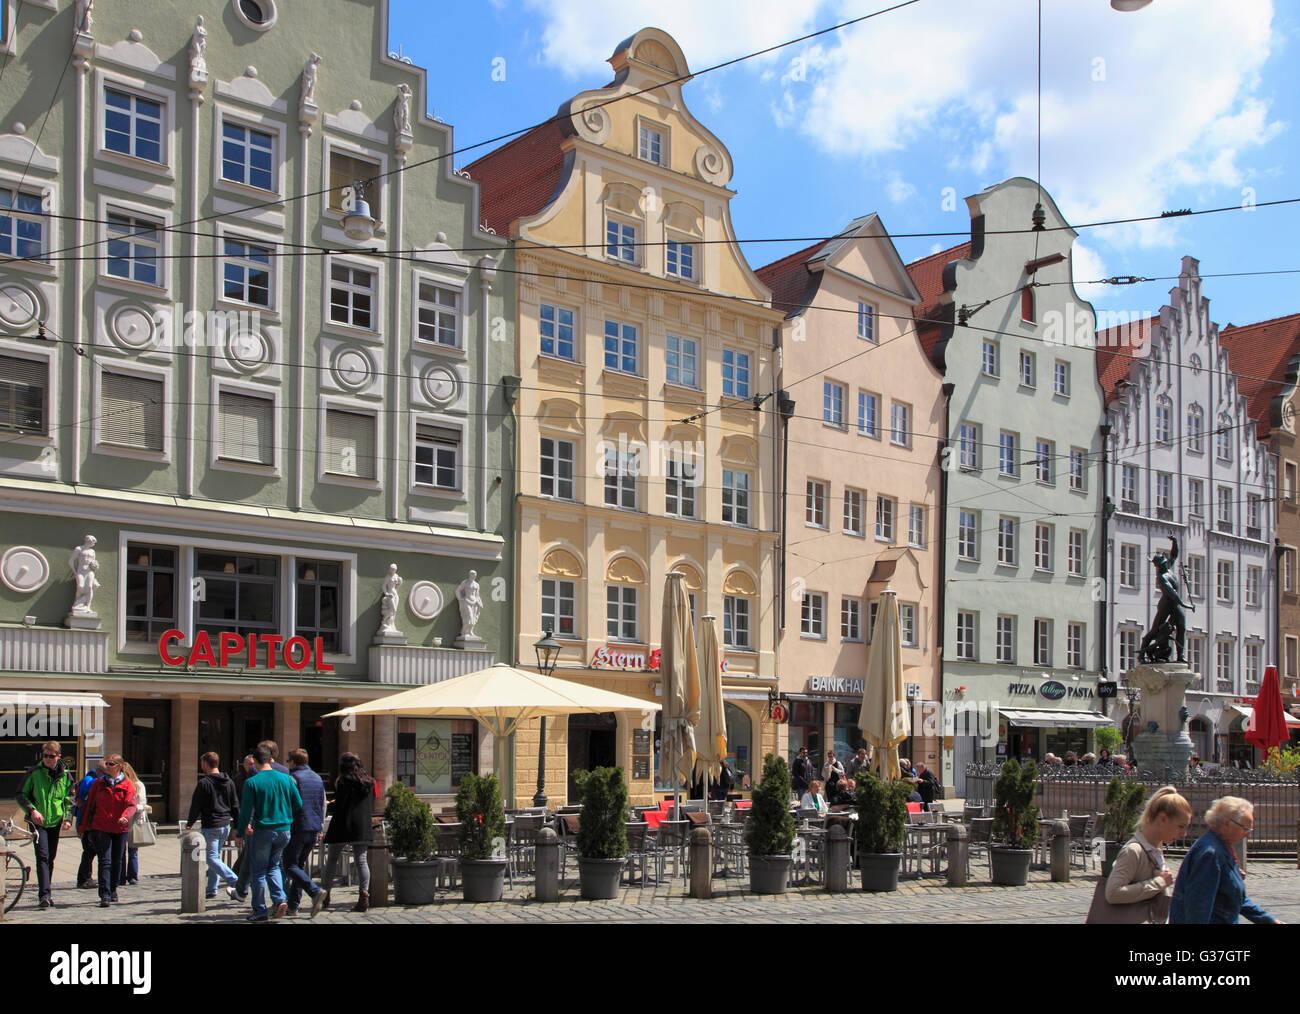 Deutschland, Bayern, Augsburg, Maximilianstraße, Menschen, Stockbild